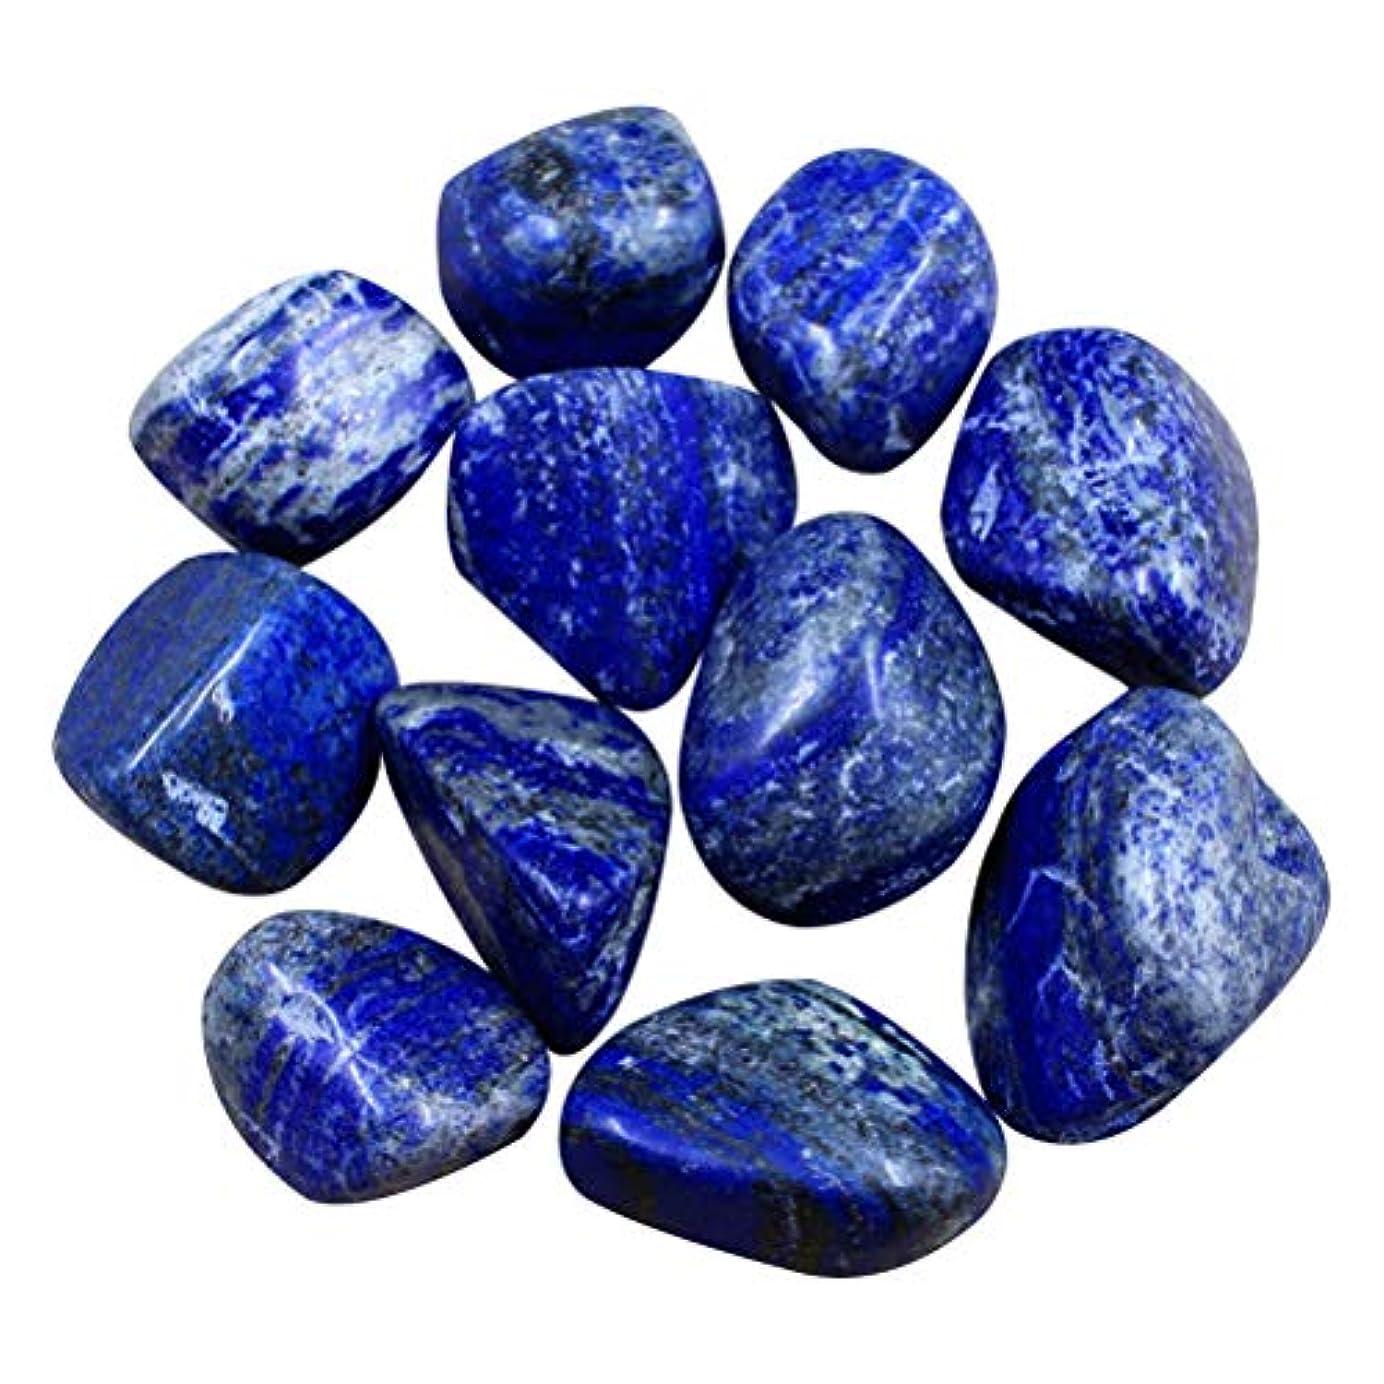 笑残酷な謙虚SUPVOX 10個の天然石石落ち石の癒しReikiクリスタルジュエリー自然の岩ホームデコレーション花瓶植物を作る